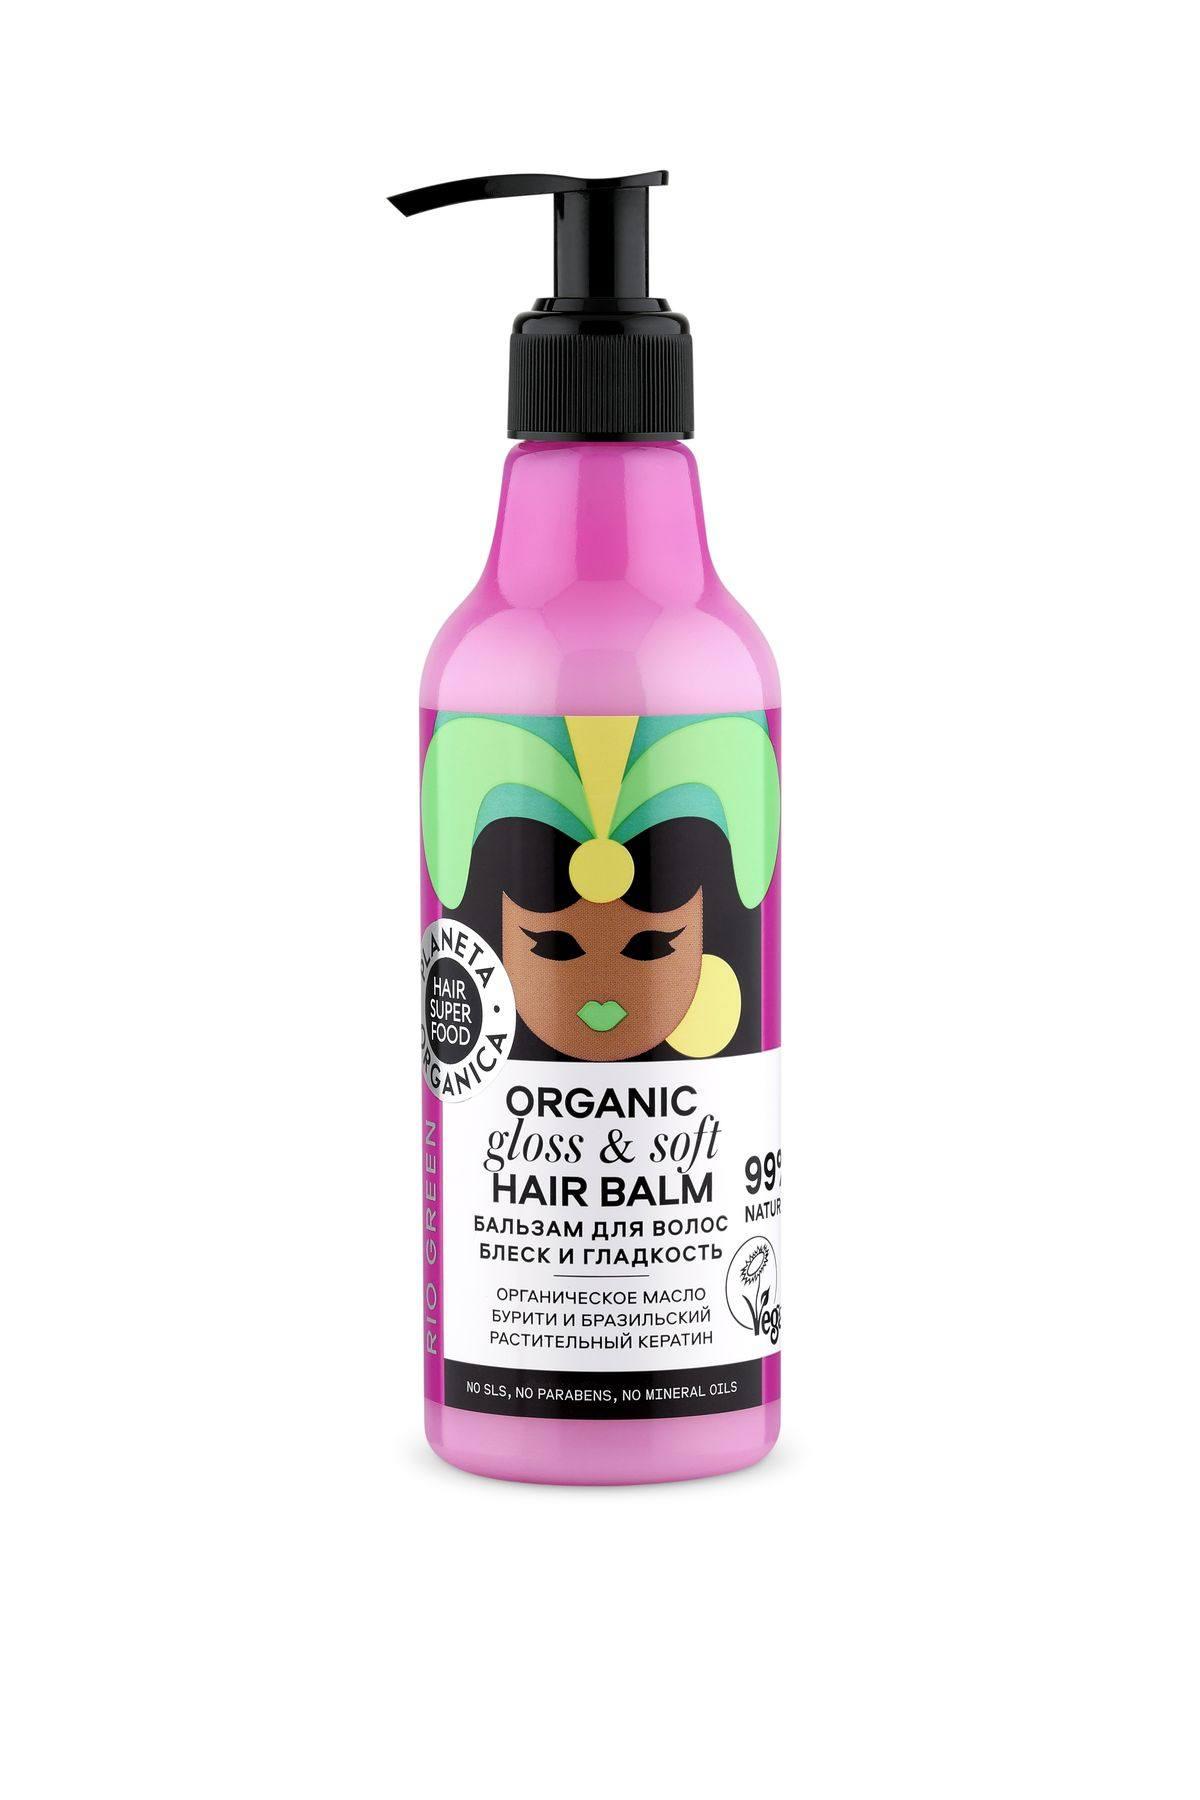 Купить Planeta Organica Hair Super Food Бальзам для волос Блеск и гладкость Organic hair balm Gloss & soft , 250 мл (shop: Organic-shops Organic shops)